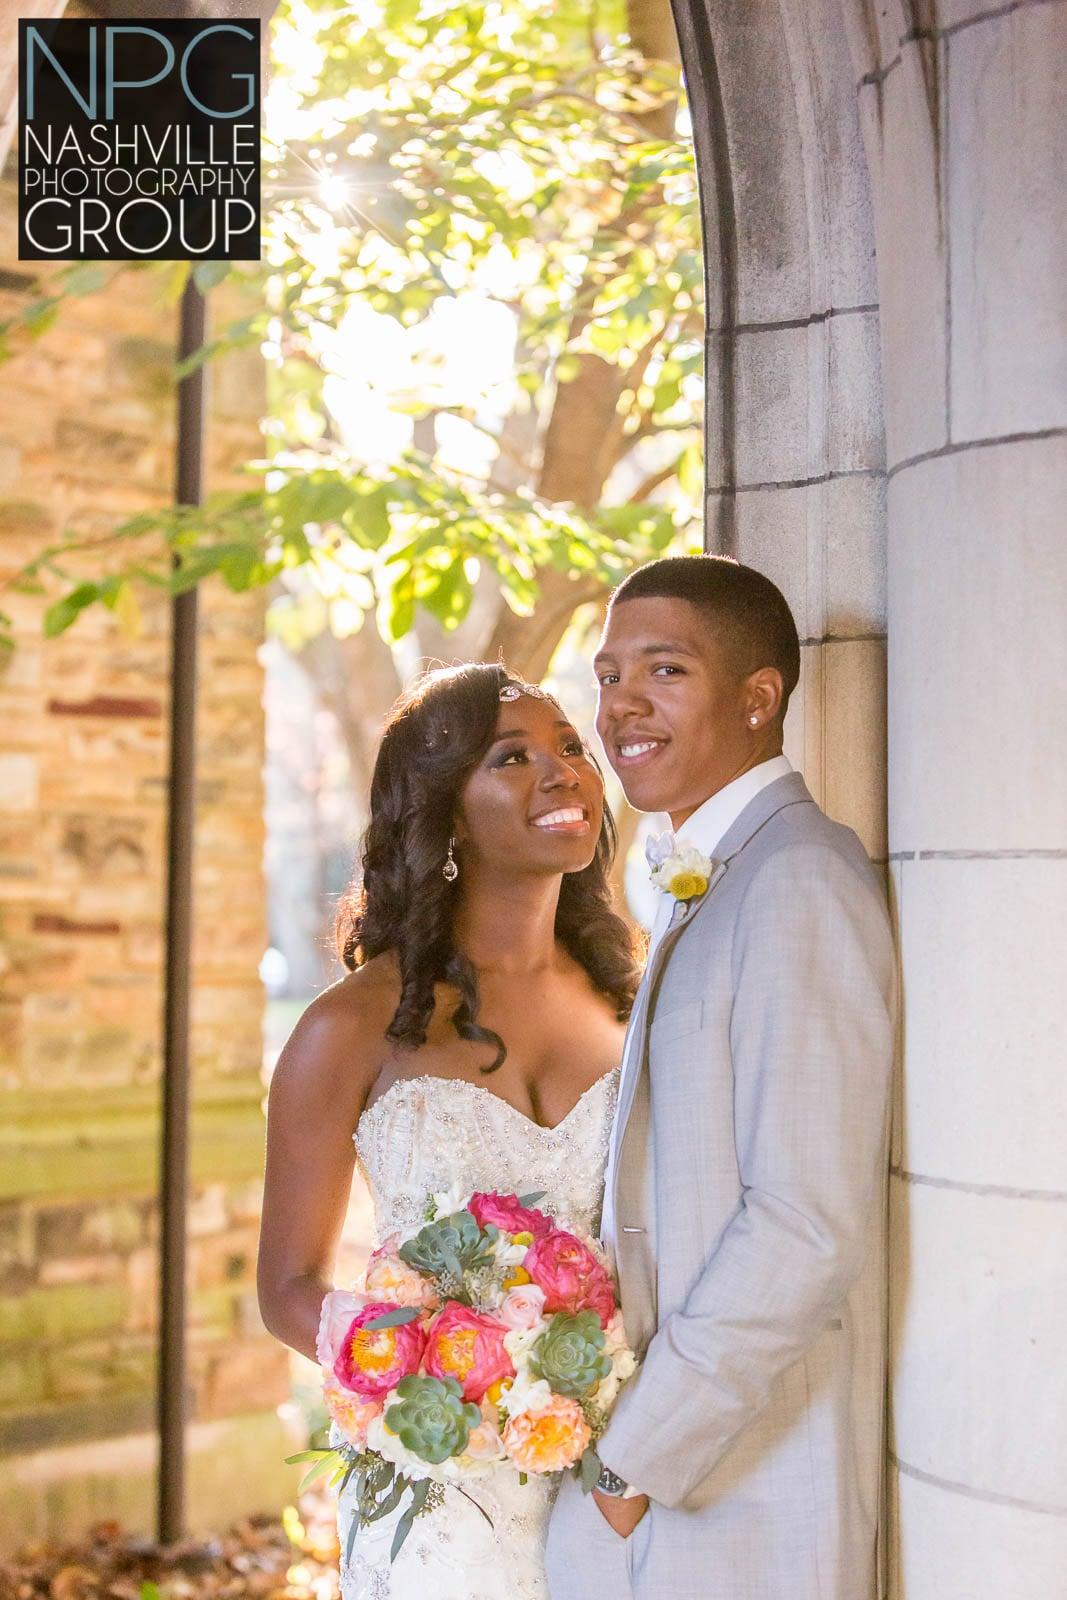 Nashville Photography Group wedding photographers1-2.jpg